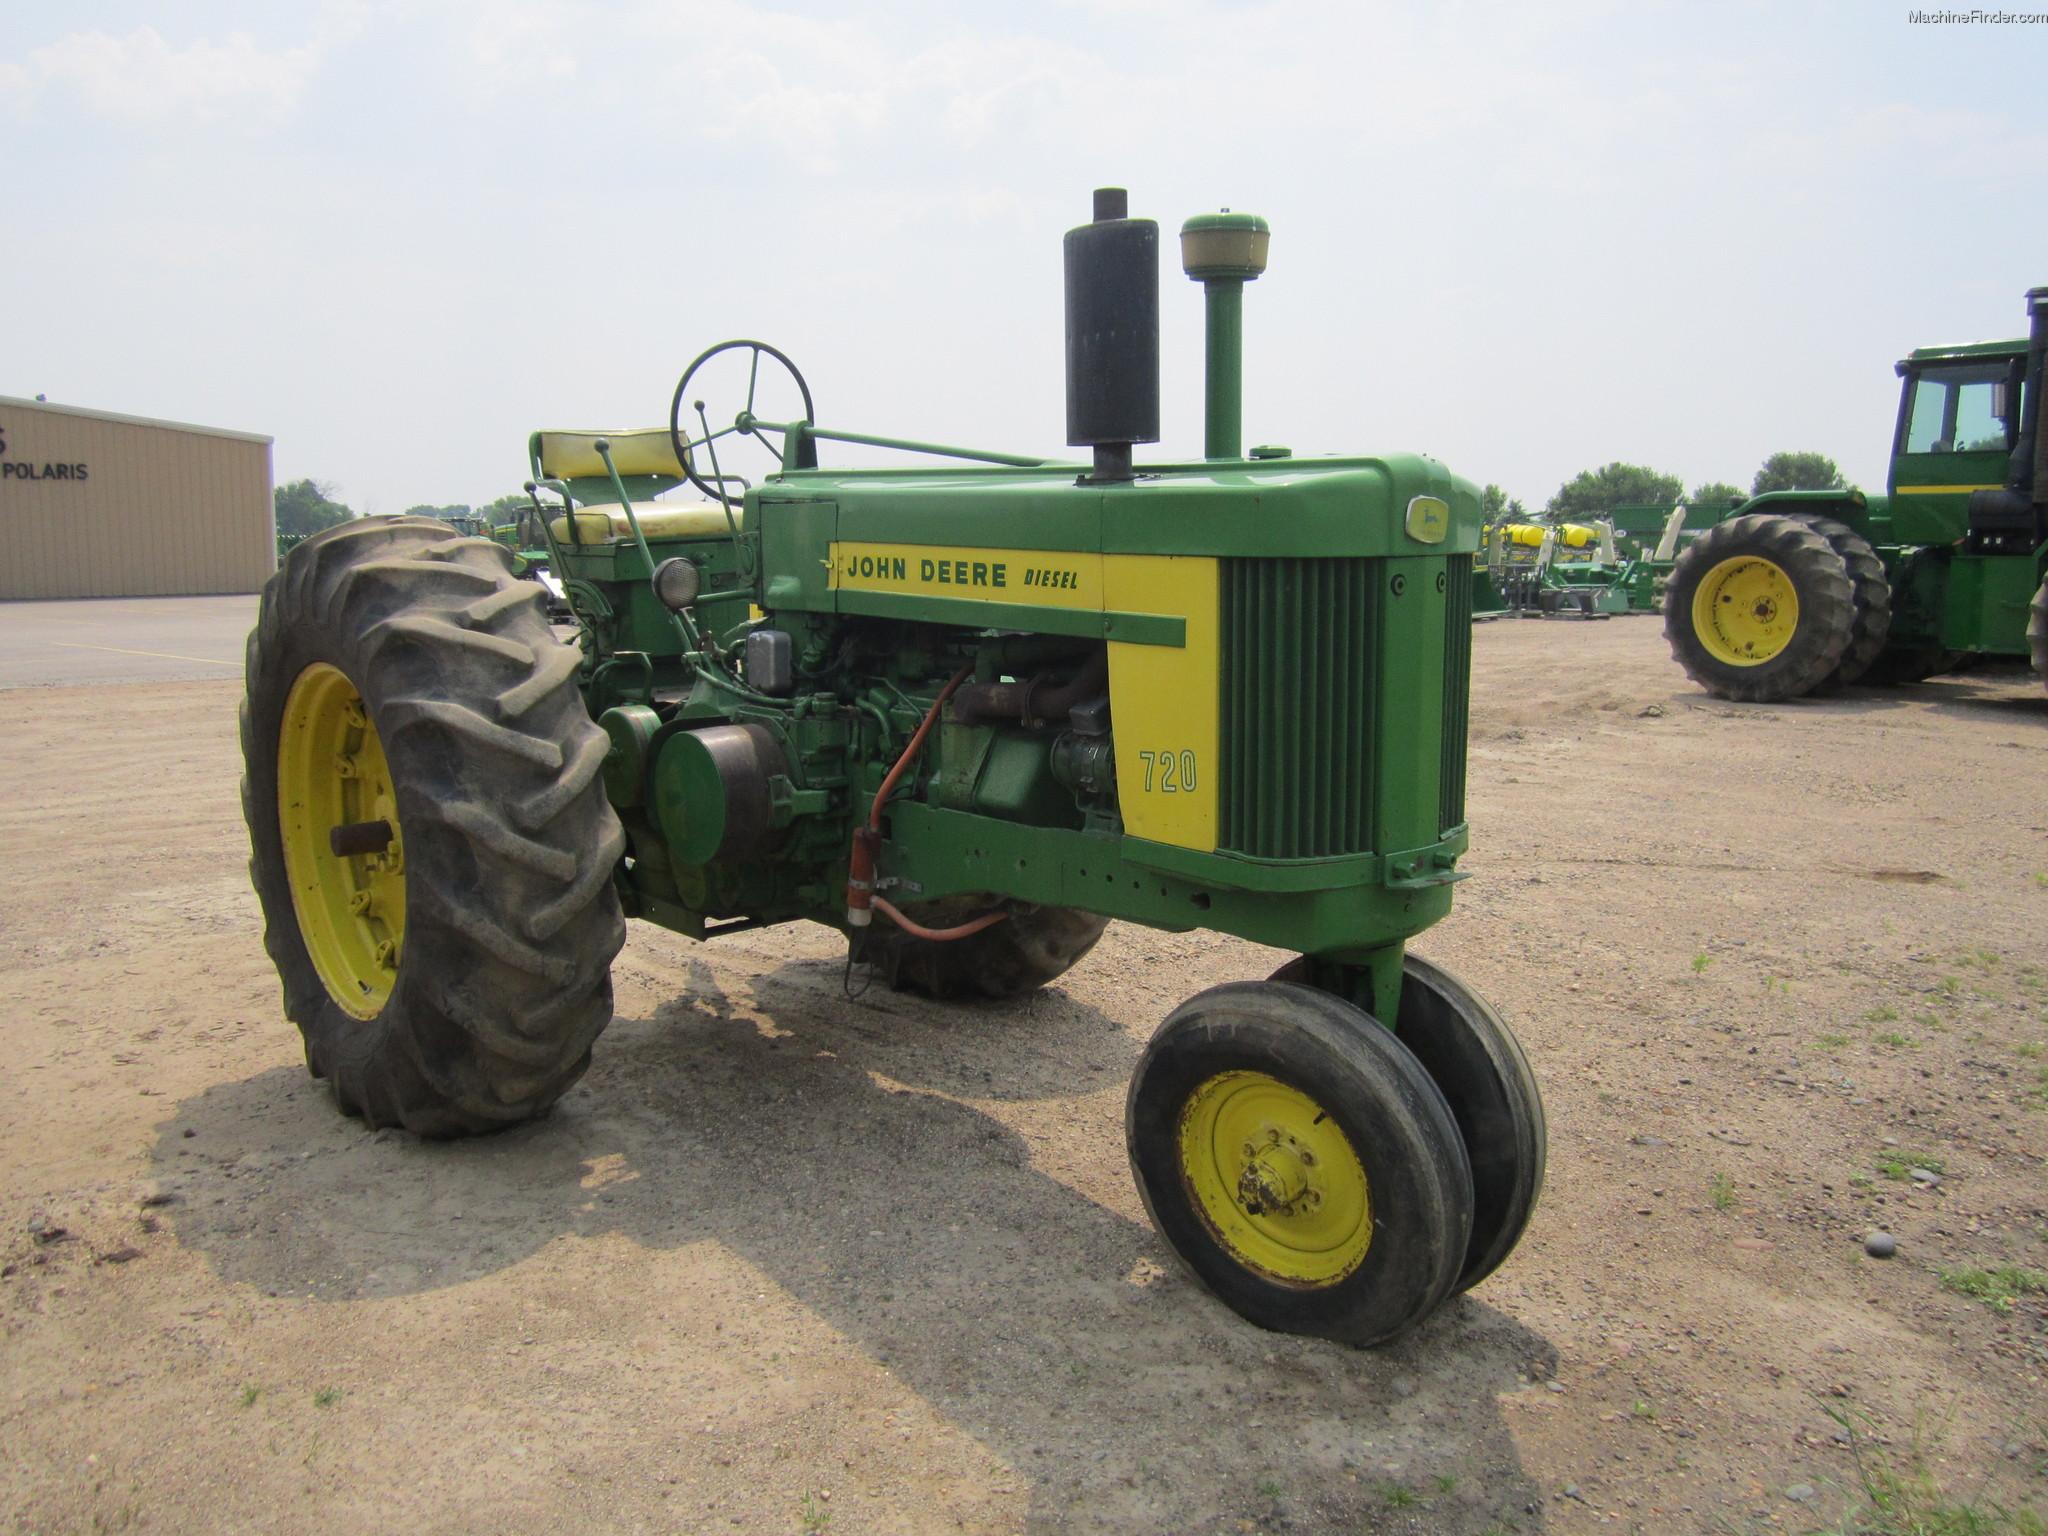 John Deere 720 Tractors - Row Crop (+100hp) - John Deere ...